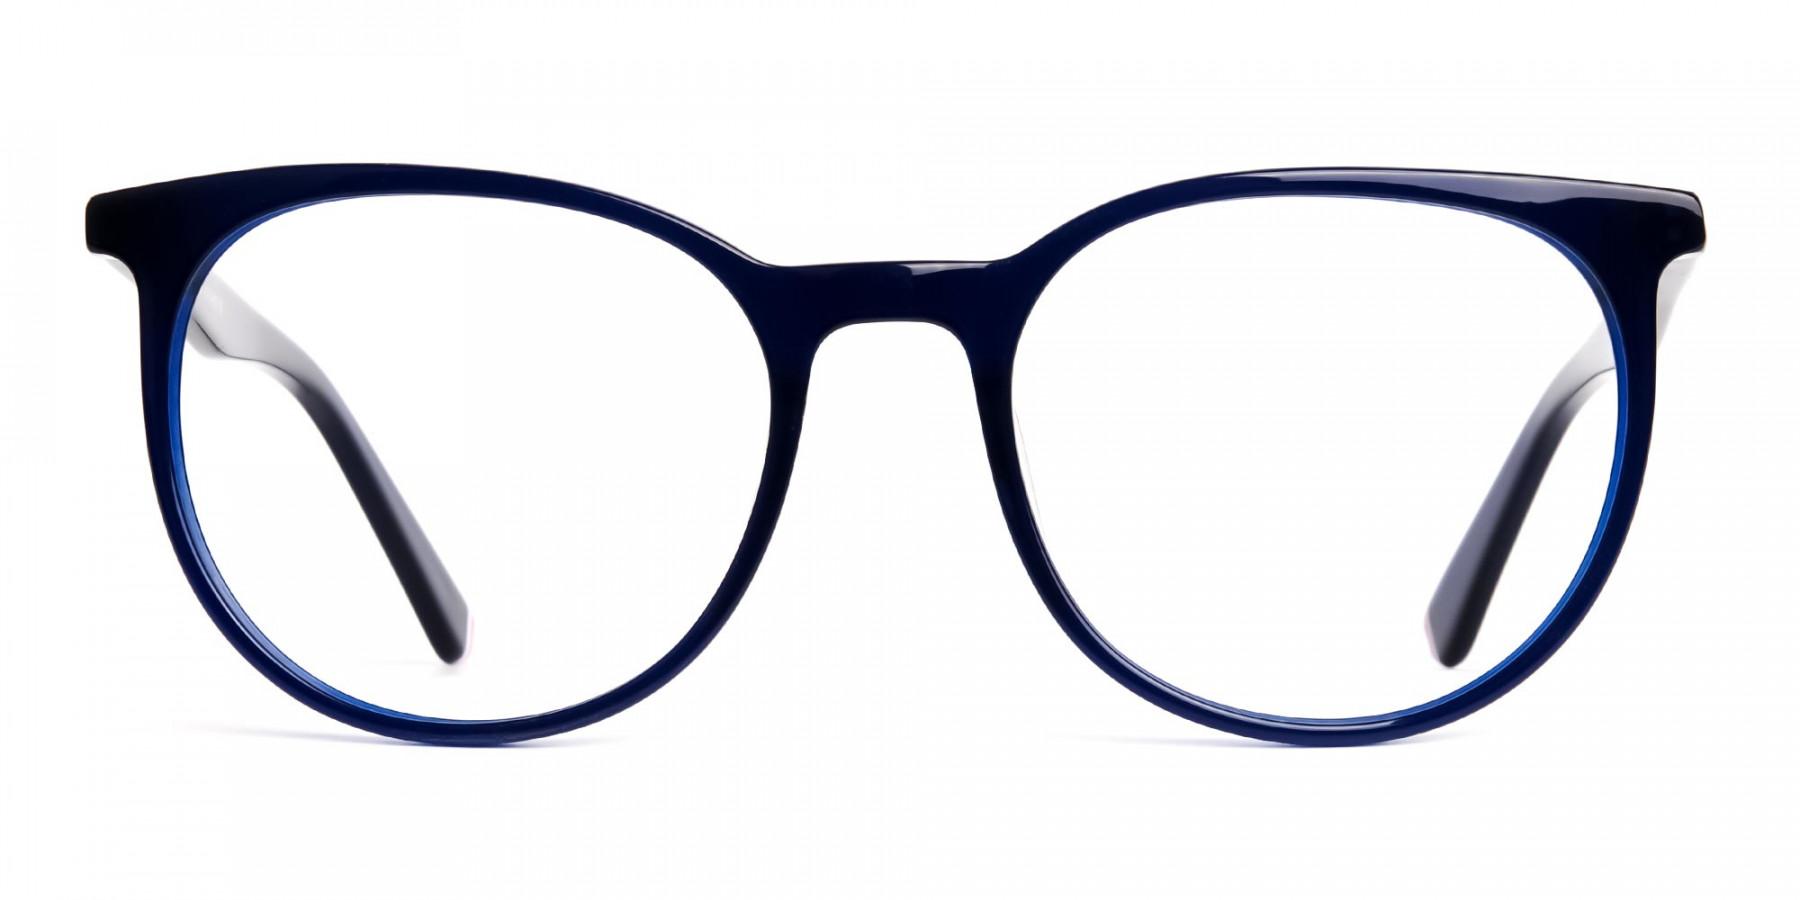 blue-full-rim-round-glasses-frames-1